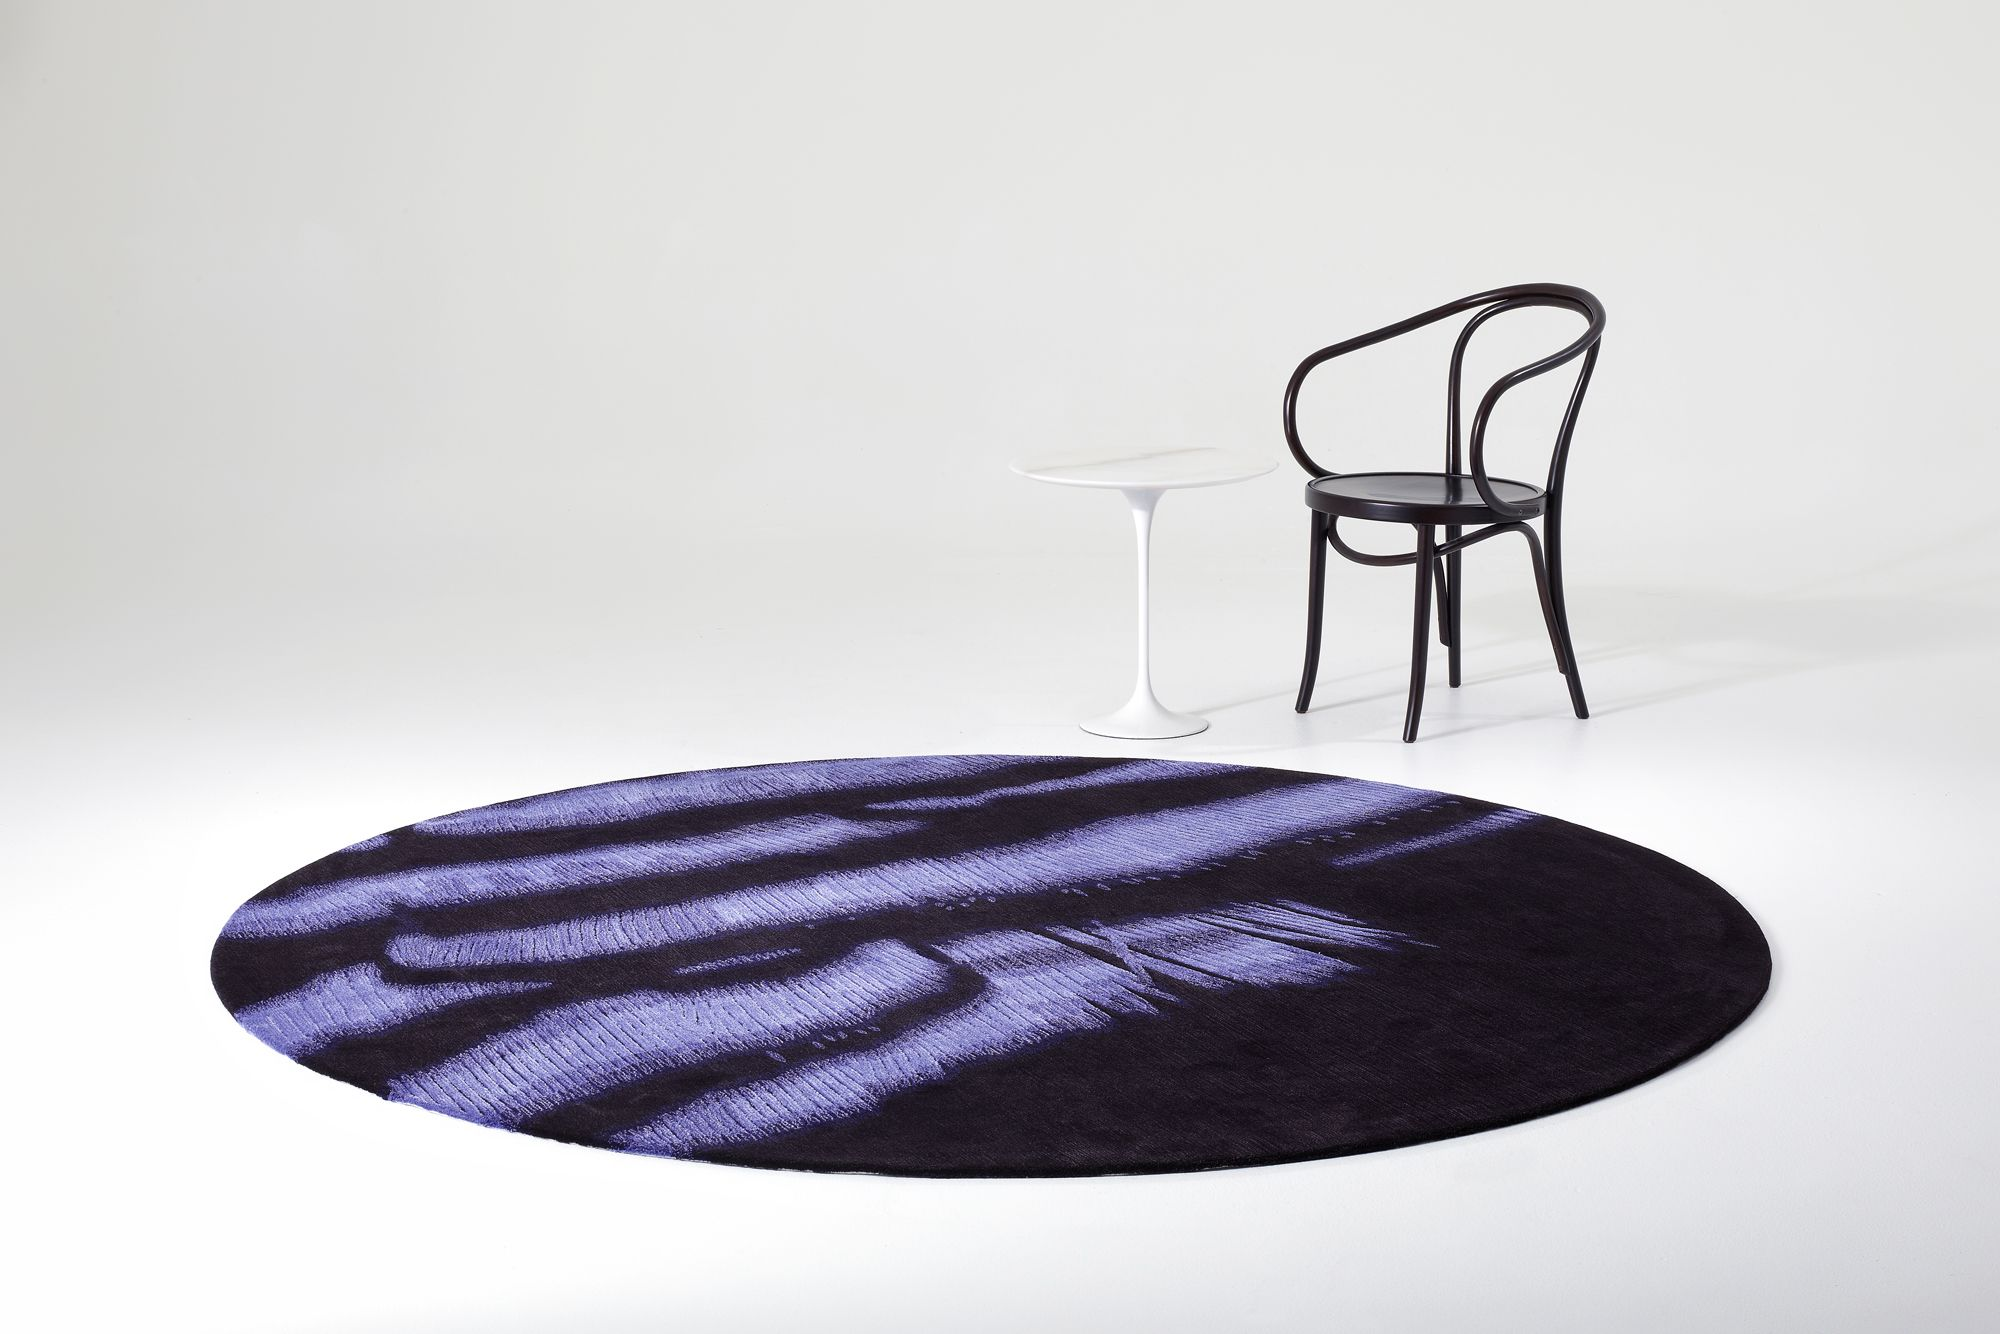 Floor Rug 01 Designed By Sonya Pletes